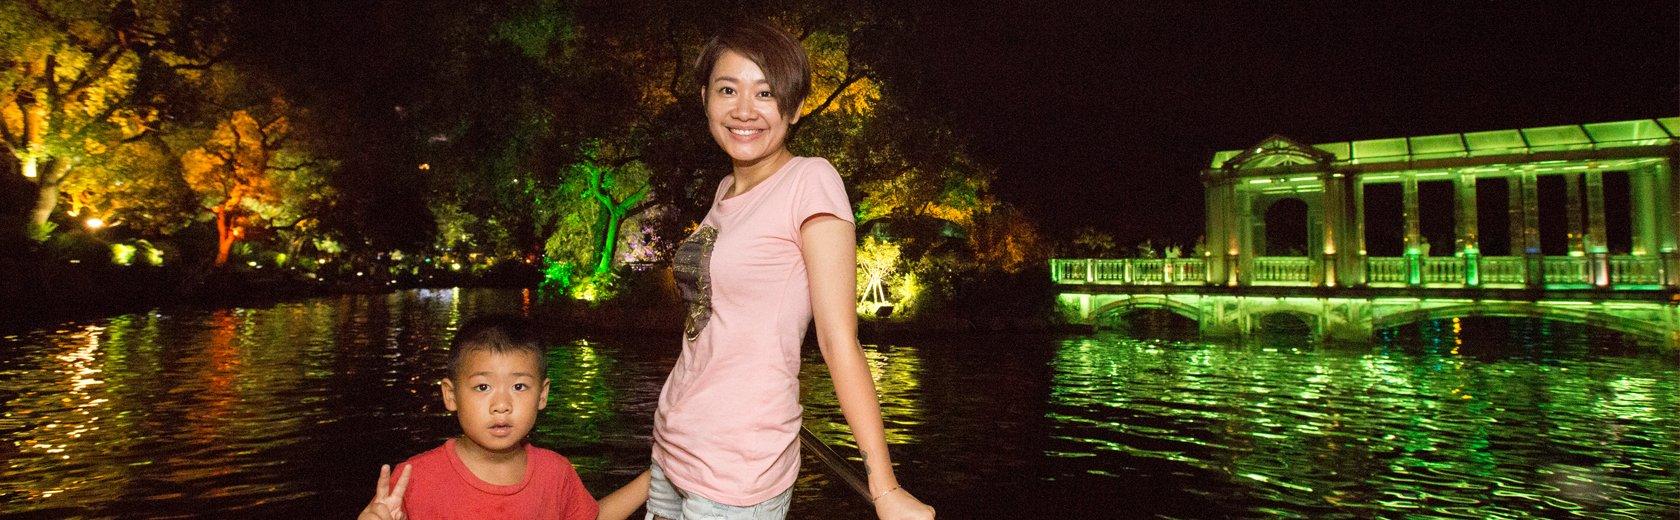 温润的时光,最美的我们——与桂林山水邂逅的四天五晚